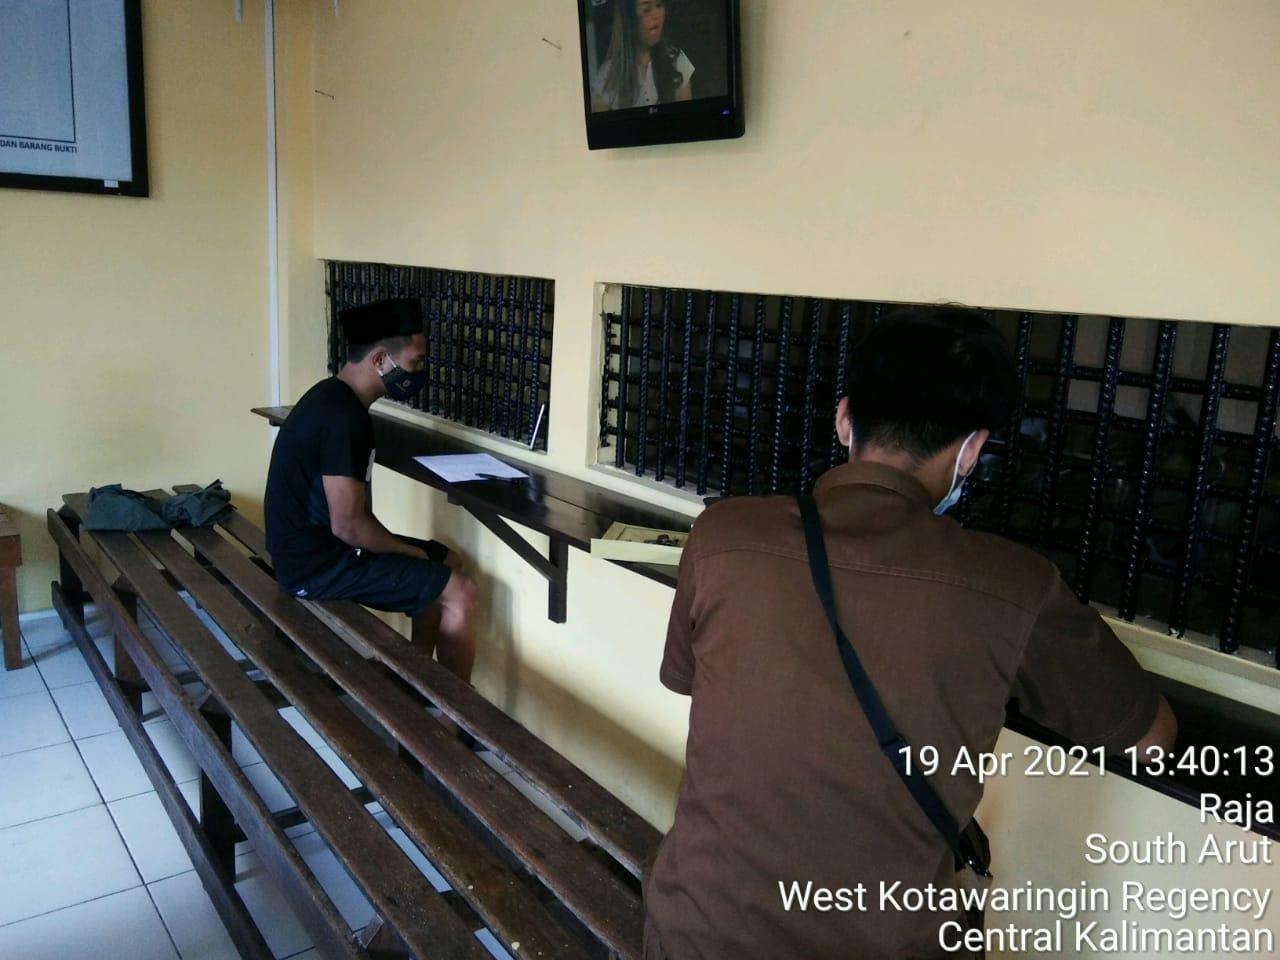 Sidang online kepada tahanan titipan kejaksaan di ruang sat Tahti Polres Kobar